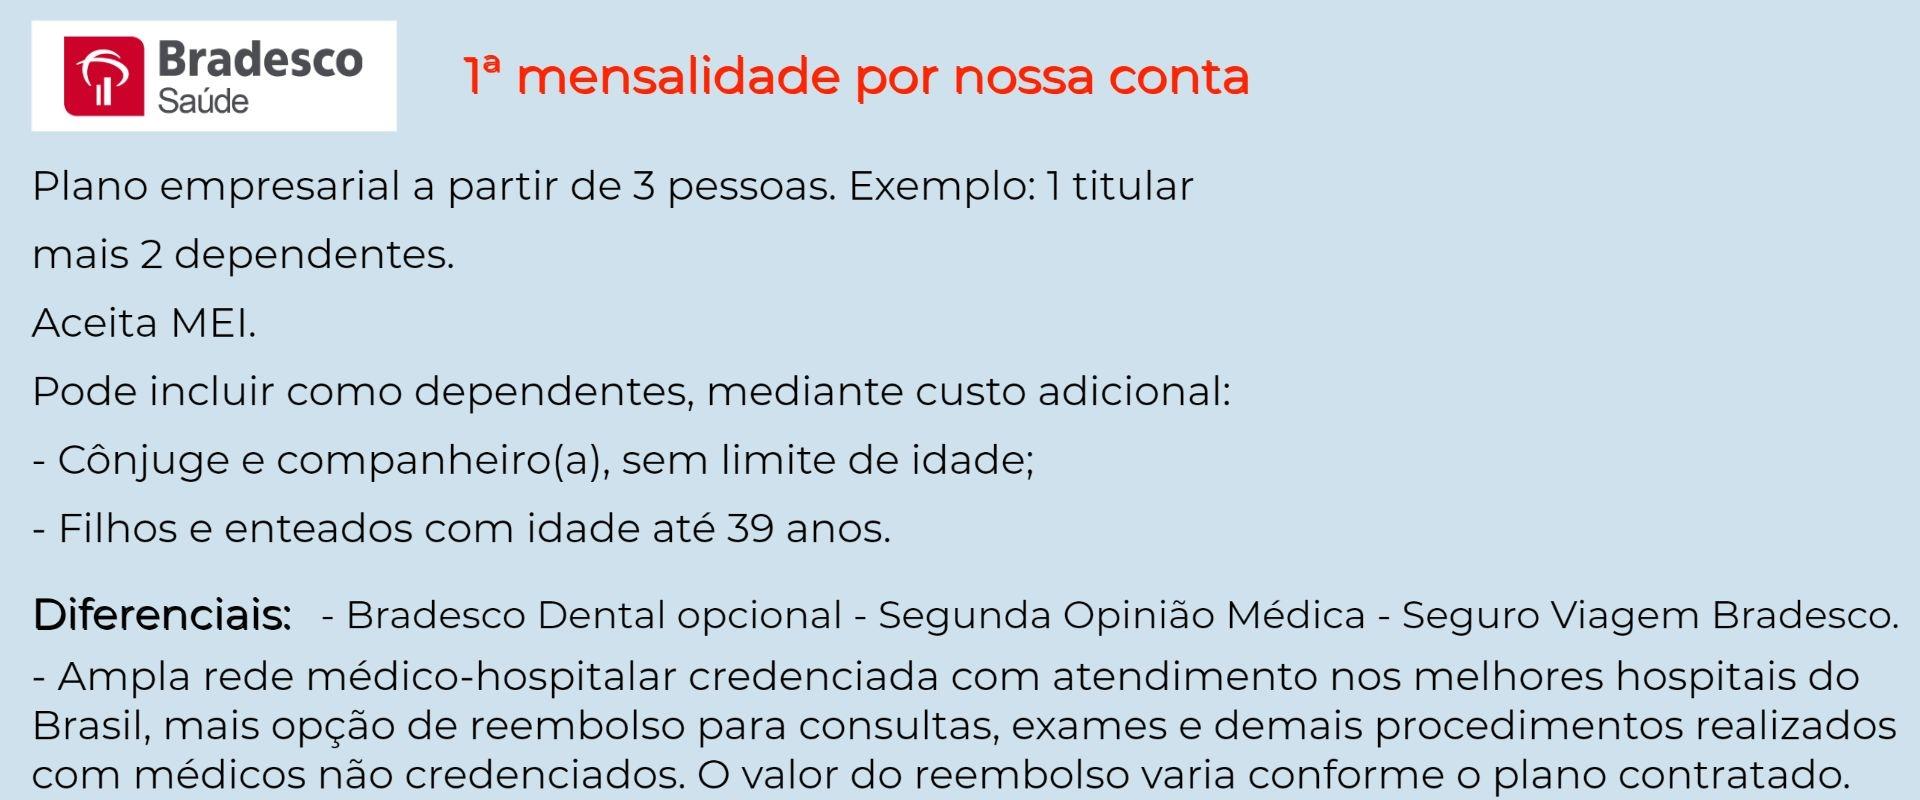 Bradesco Saúde Empresarial - Campinas